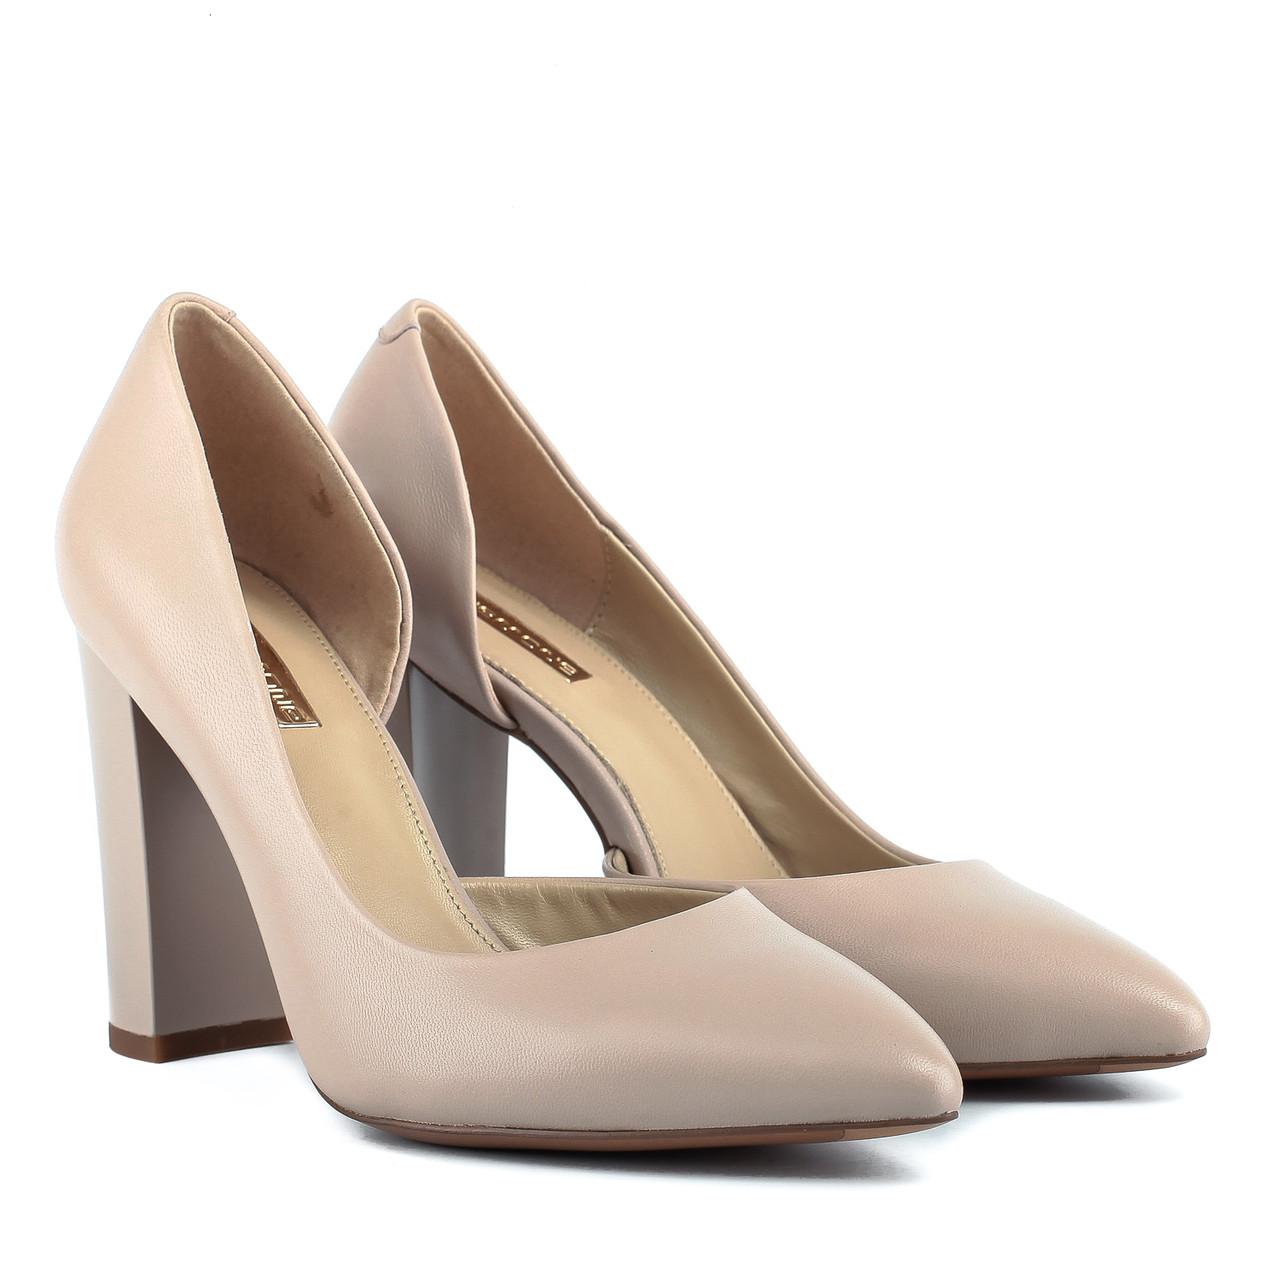 Туфли женские Anemone (изысканные, стильные, на каблуке, кожаные)